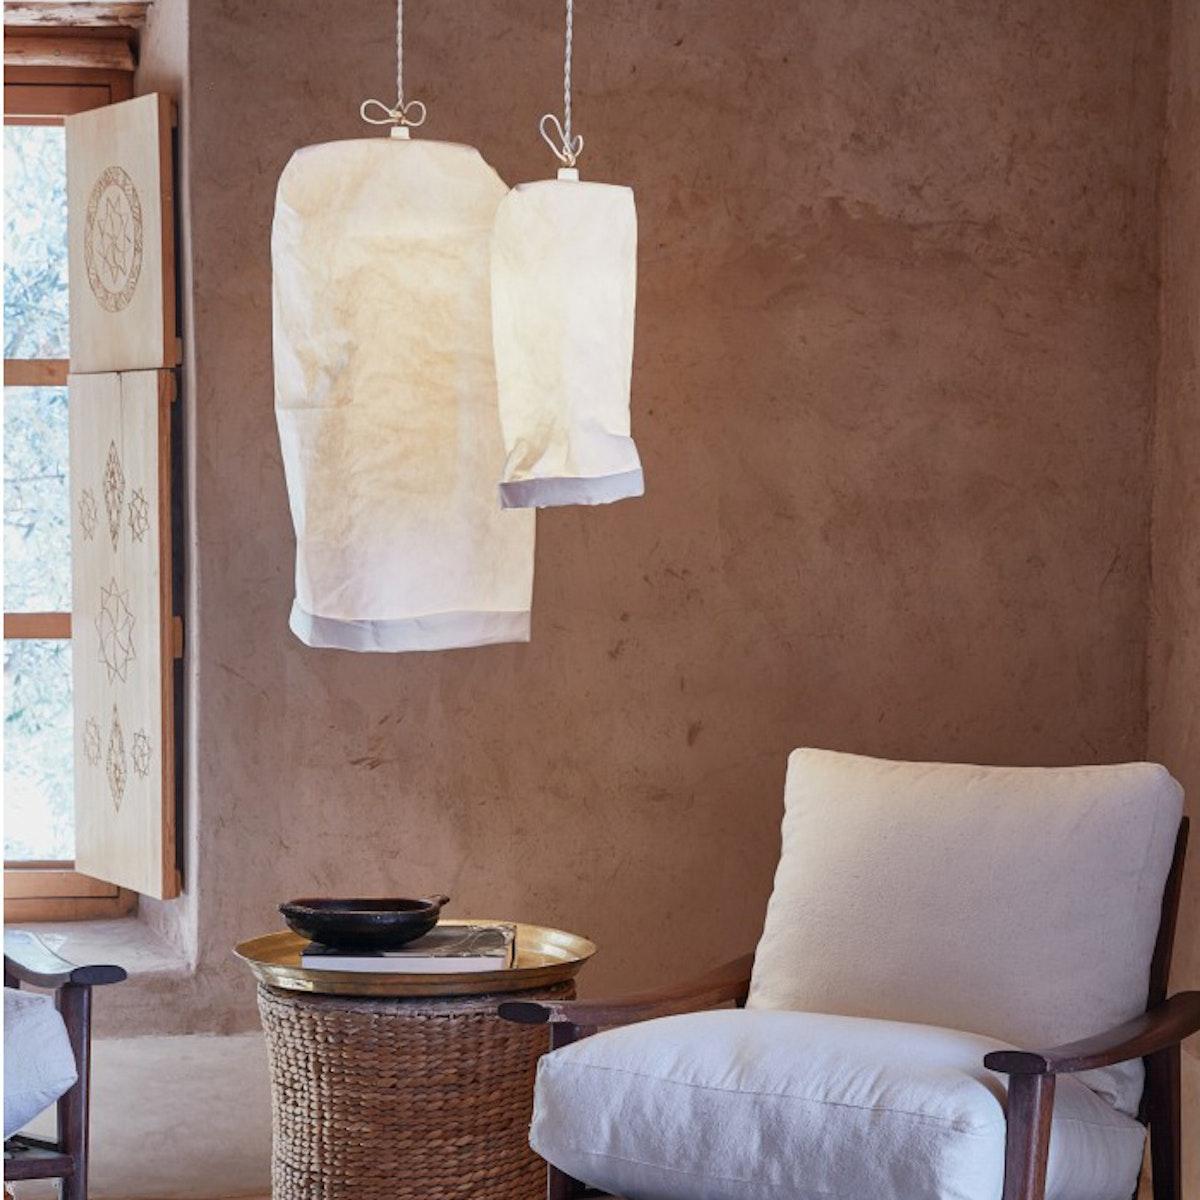 UASHMAMA Hanging Lamp Large White